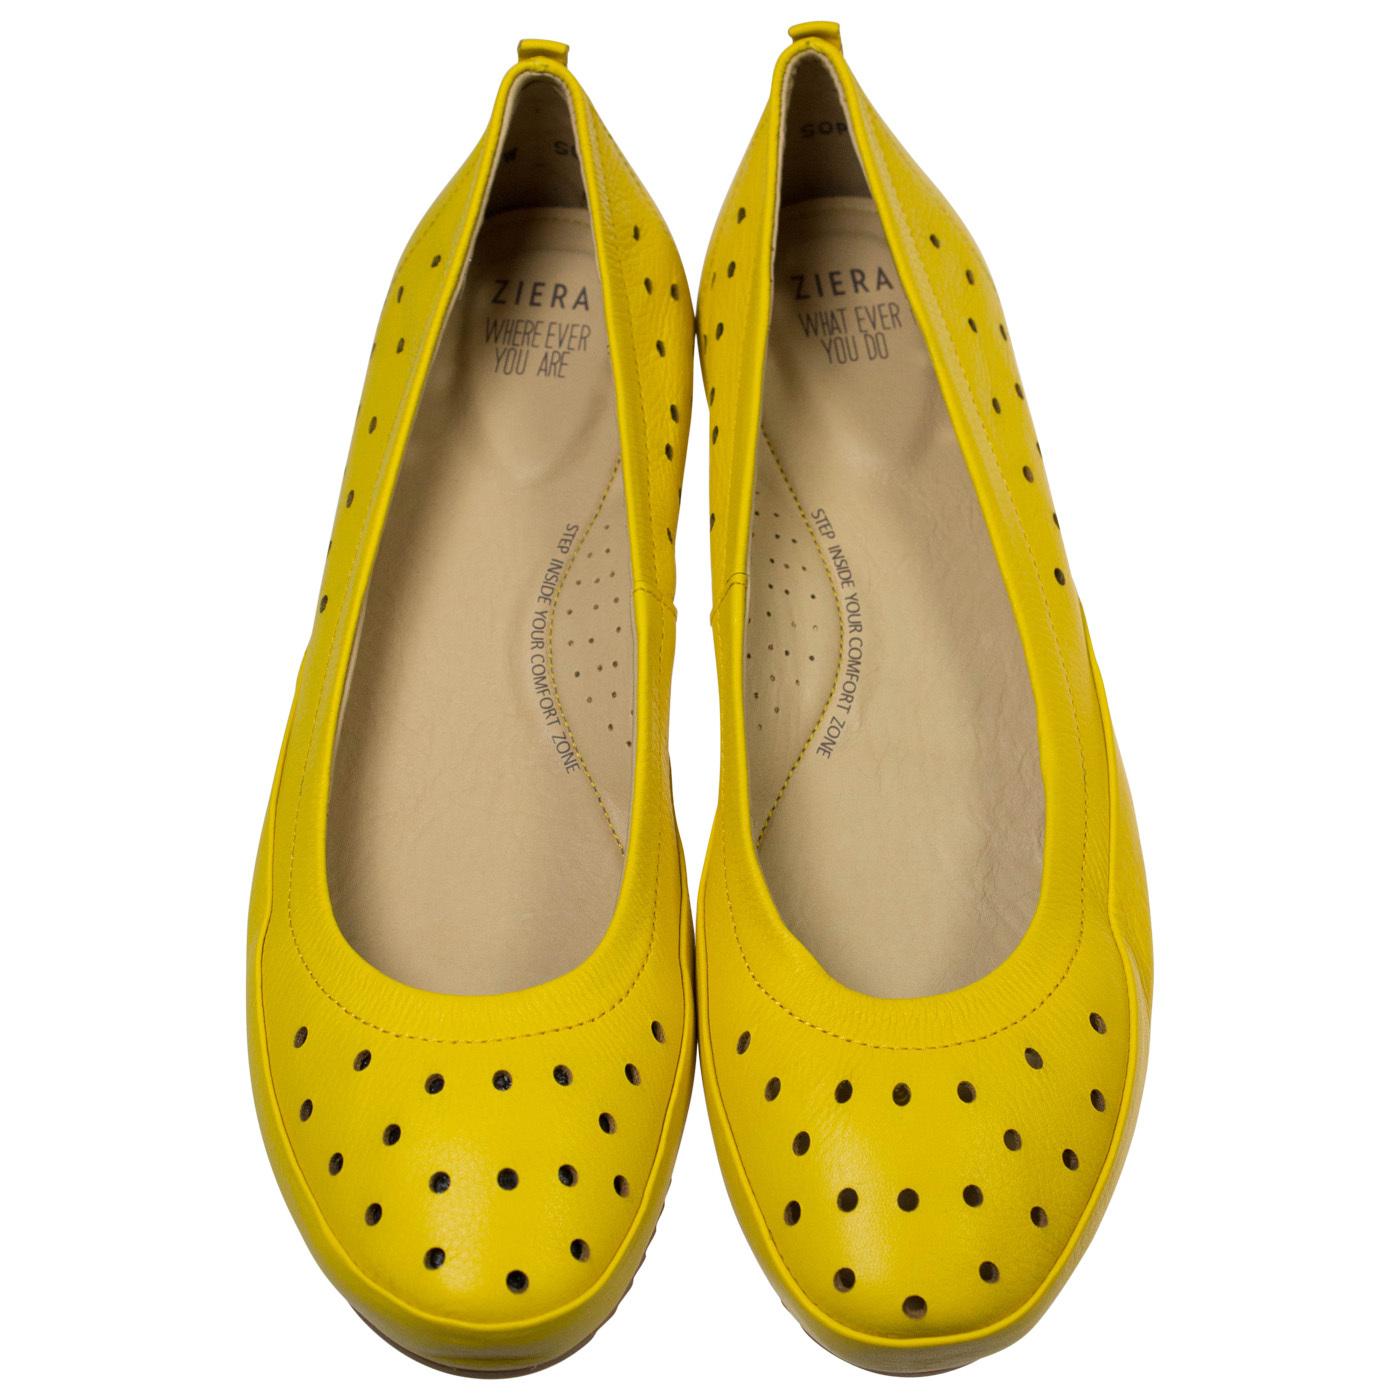 Ziera Shoes Sale